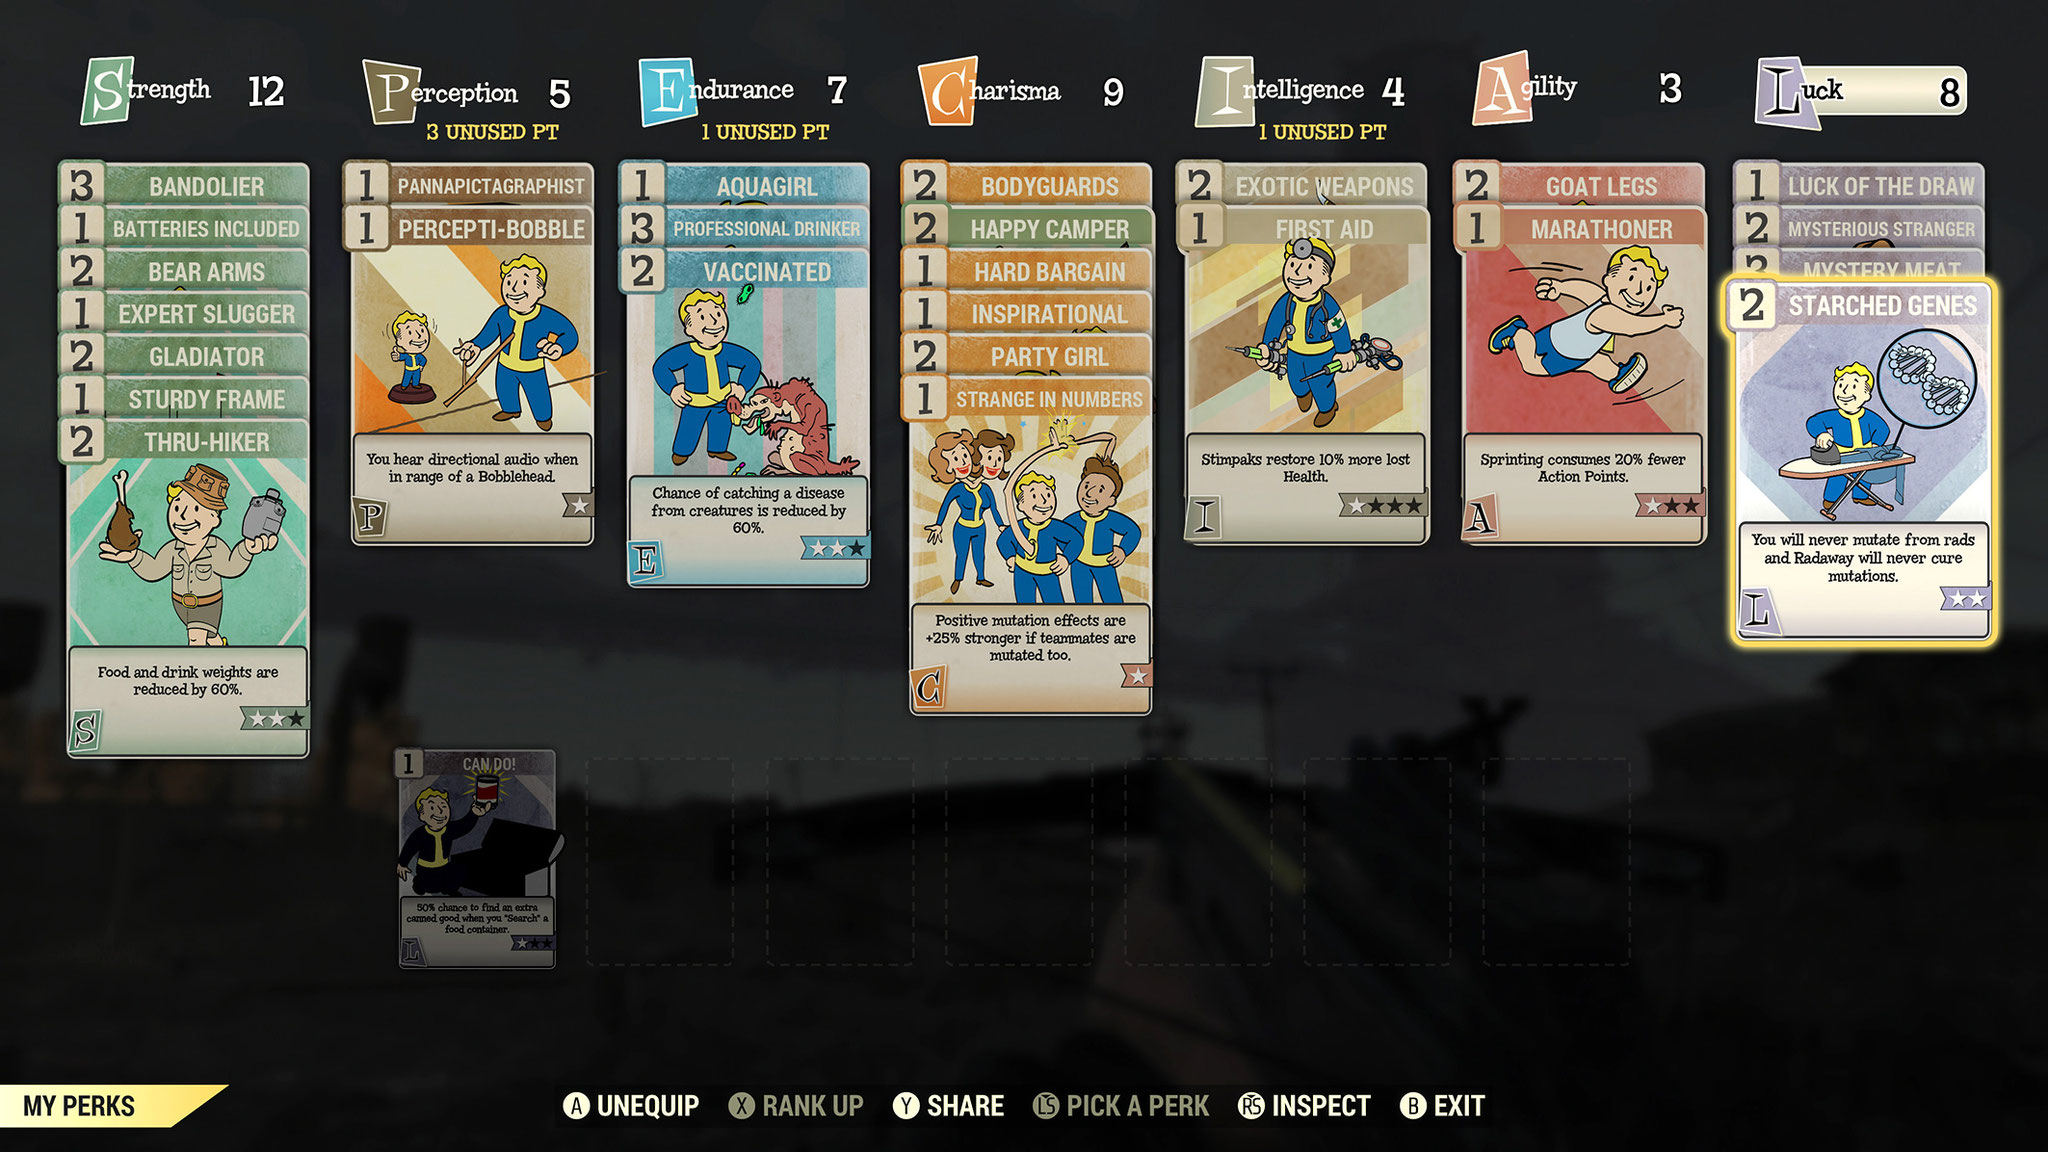 Das aus den Singleplayer-Episoden bekannte Erfahrungs- und Charakter-Management wurde gegen eine Art Sammelkarten-System ersetzt. Das macht zwar Spaß, ist aber anfangs etwas verwirrend.